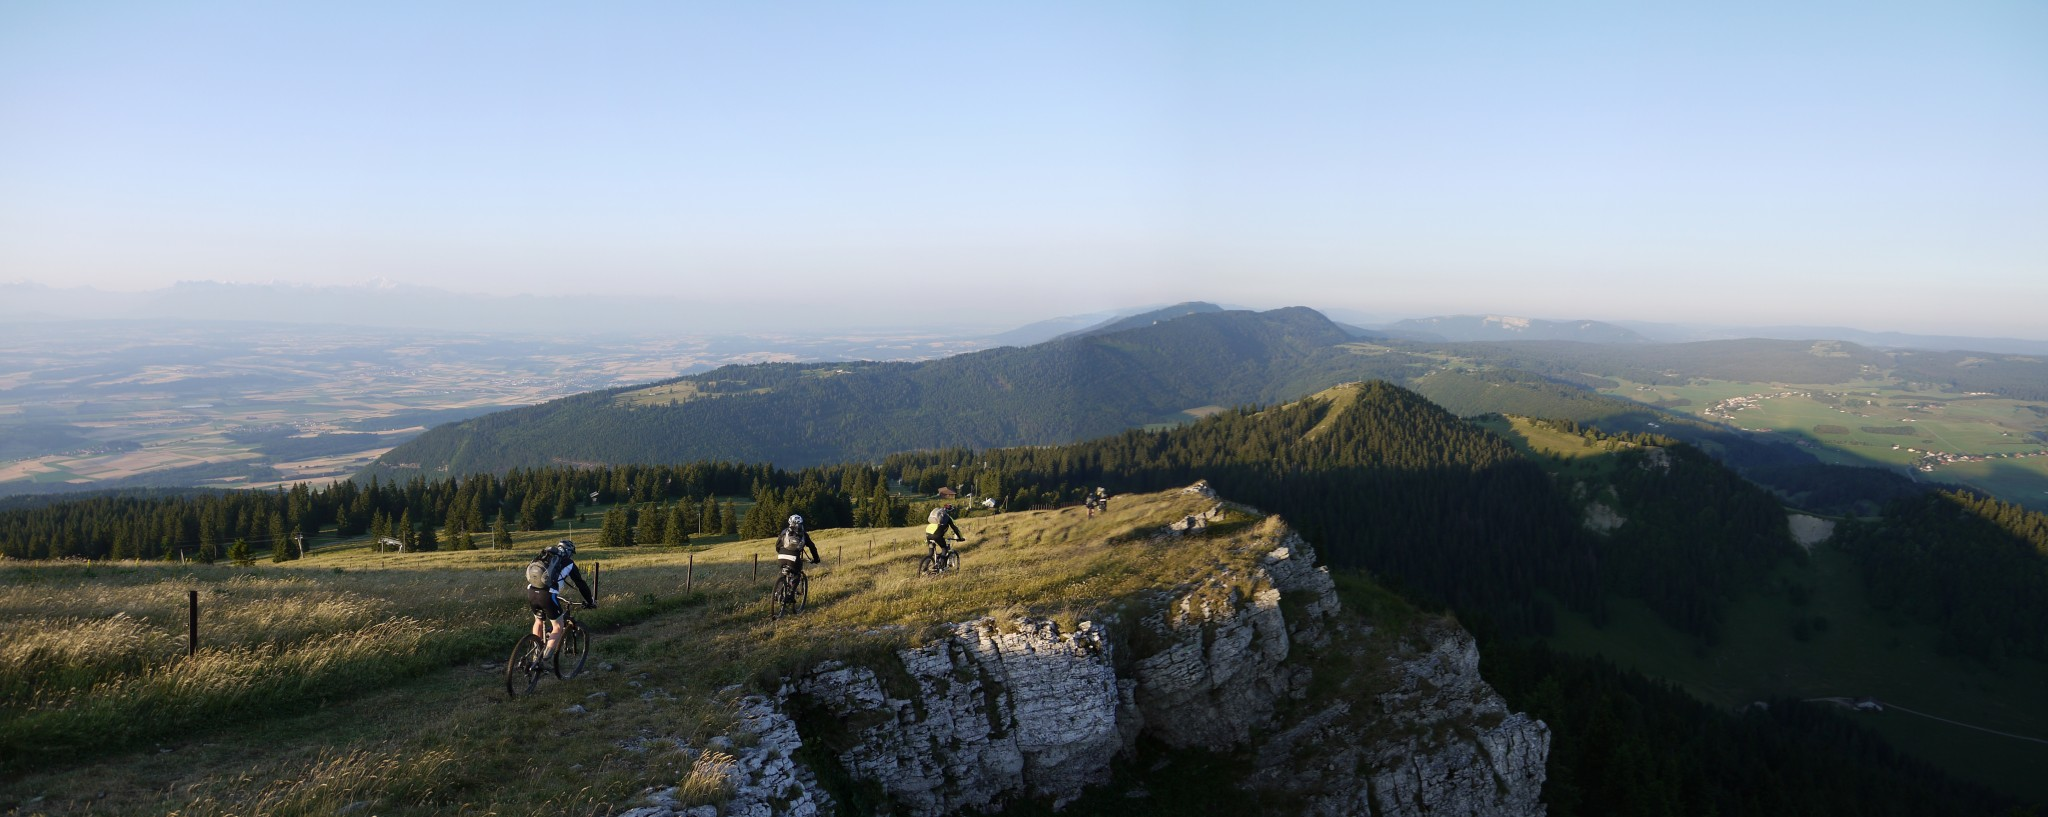 18-TR-MTB-TransJuranne_15_Crètes_Gipfel_Panorama1